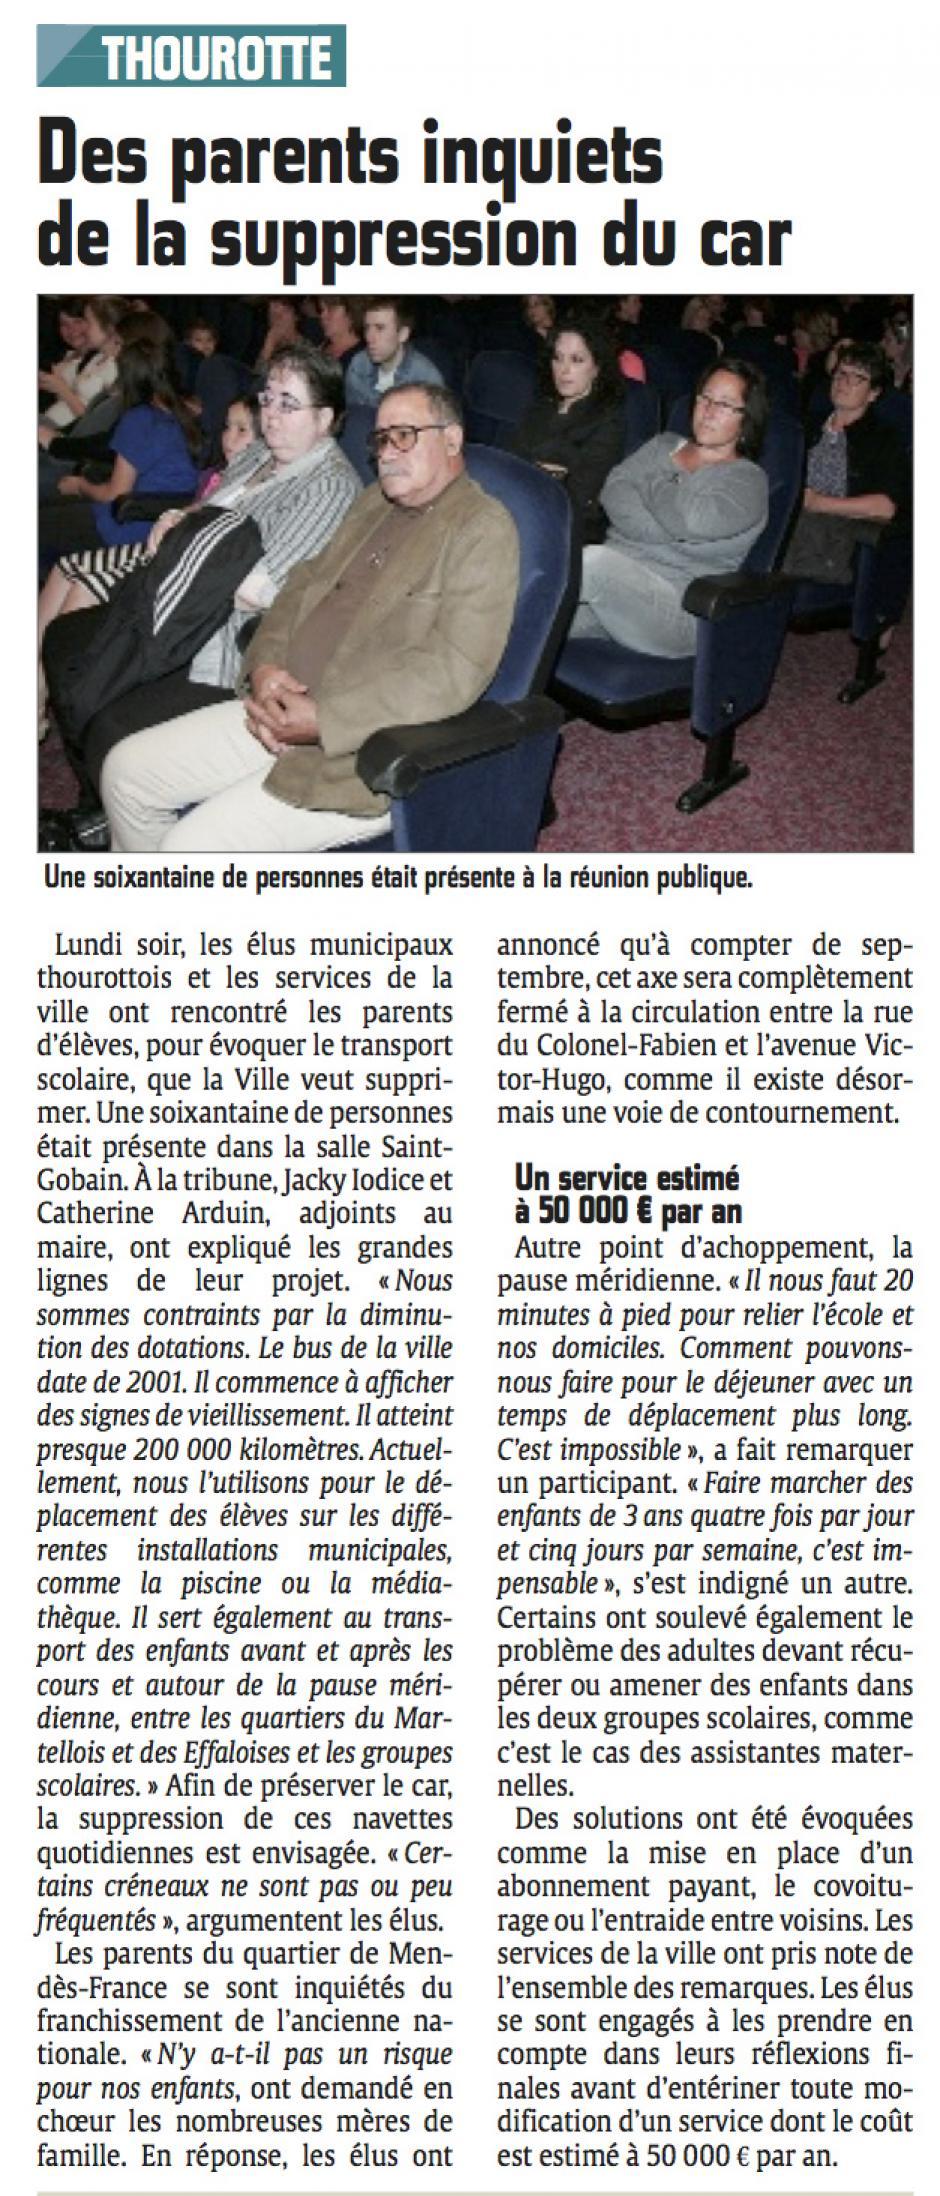 20140604-CP-Thourotte-Des parents inquiets de la suppression du car